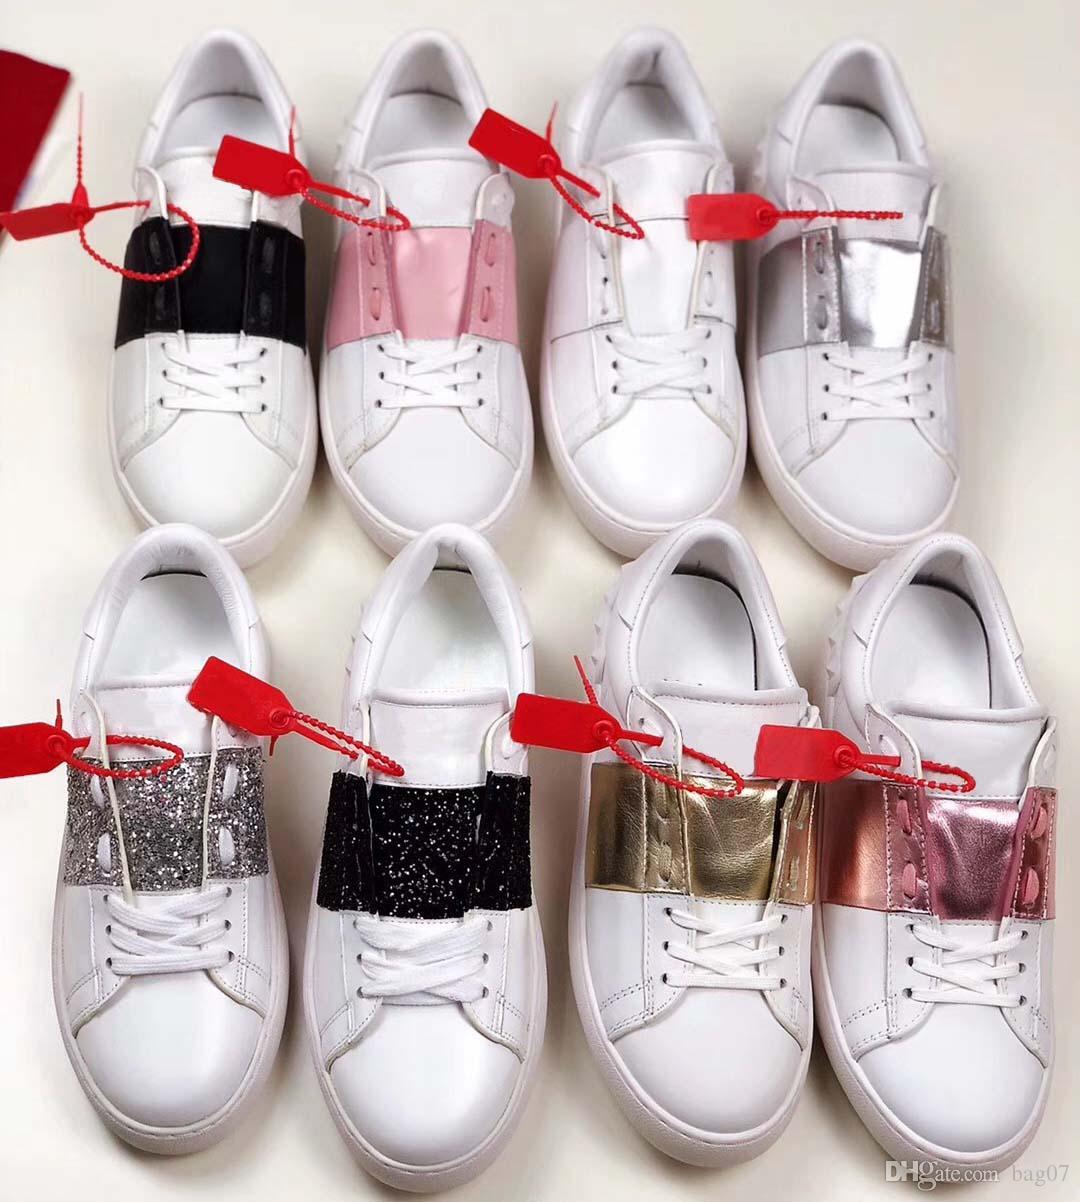 Avec la boîte espadrille chaussures Casual Formateurs chaussures de sport mode Chaussures Baskets meilleure qualité pour homme femme libre DHL Par bag07 HL2102